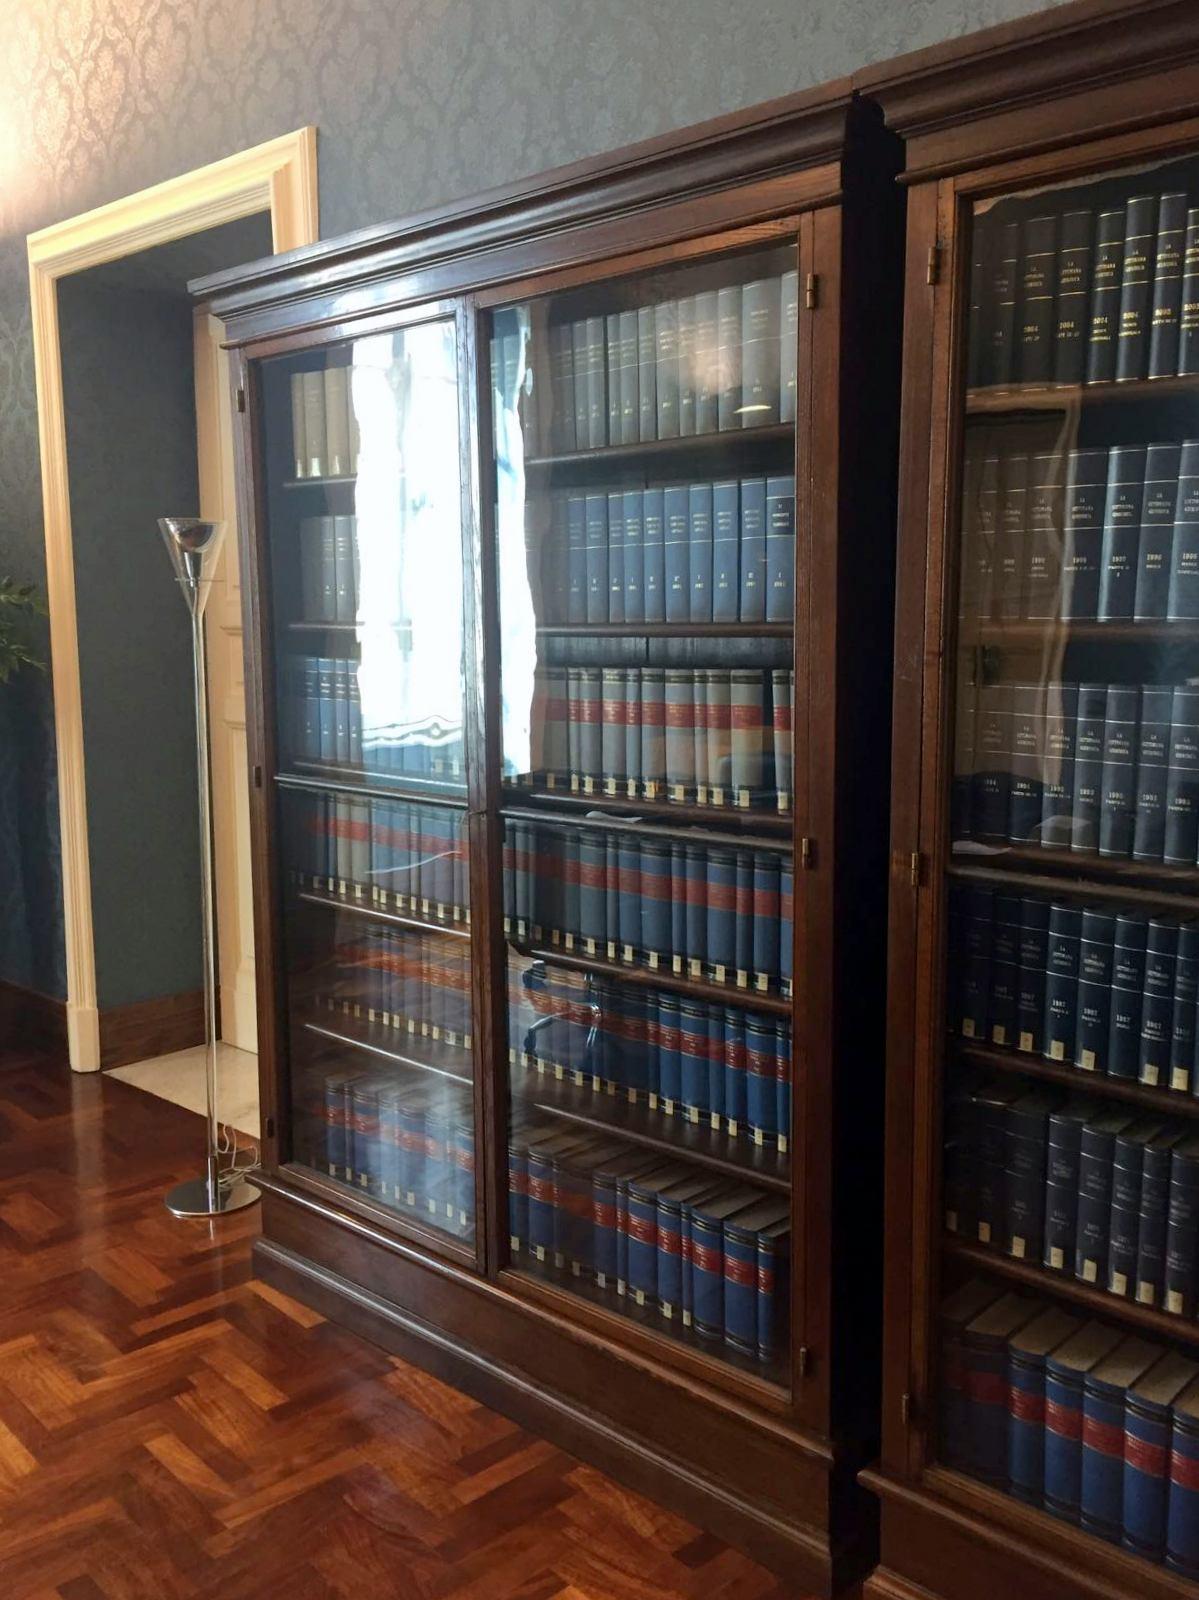 librerie per studio legale lugano